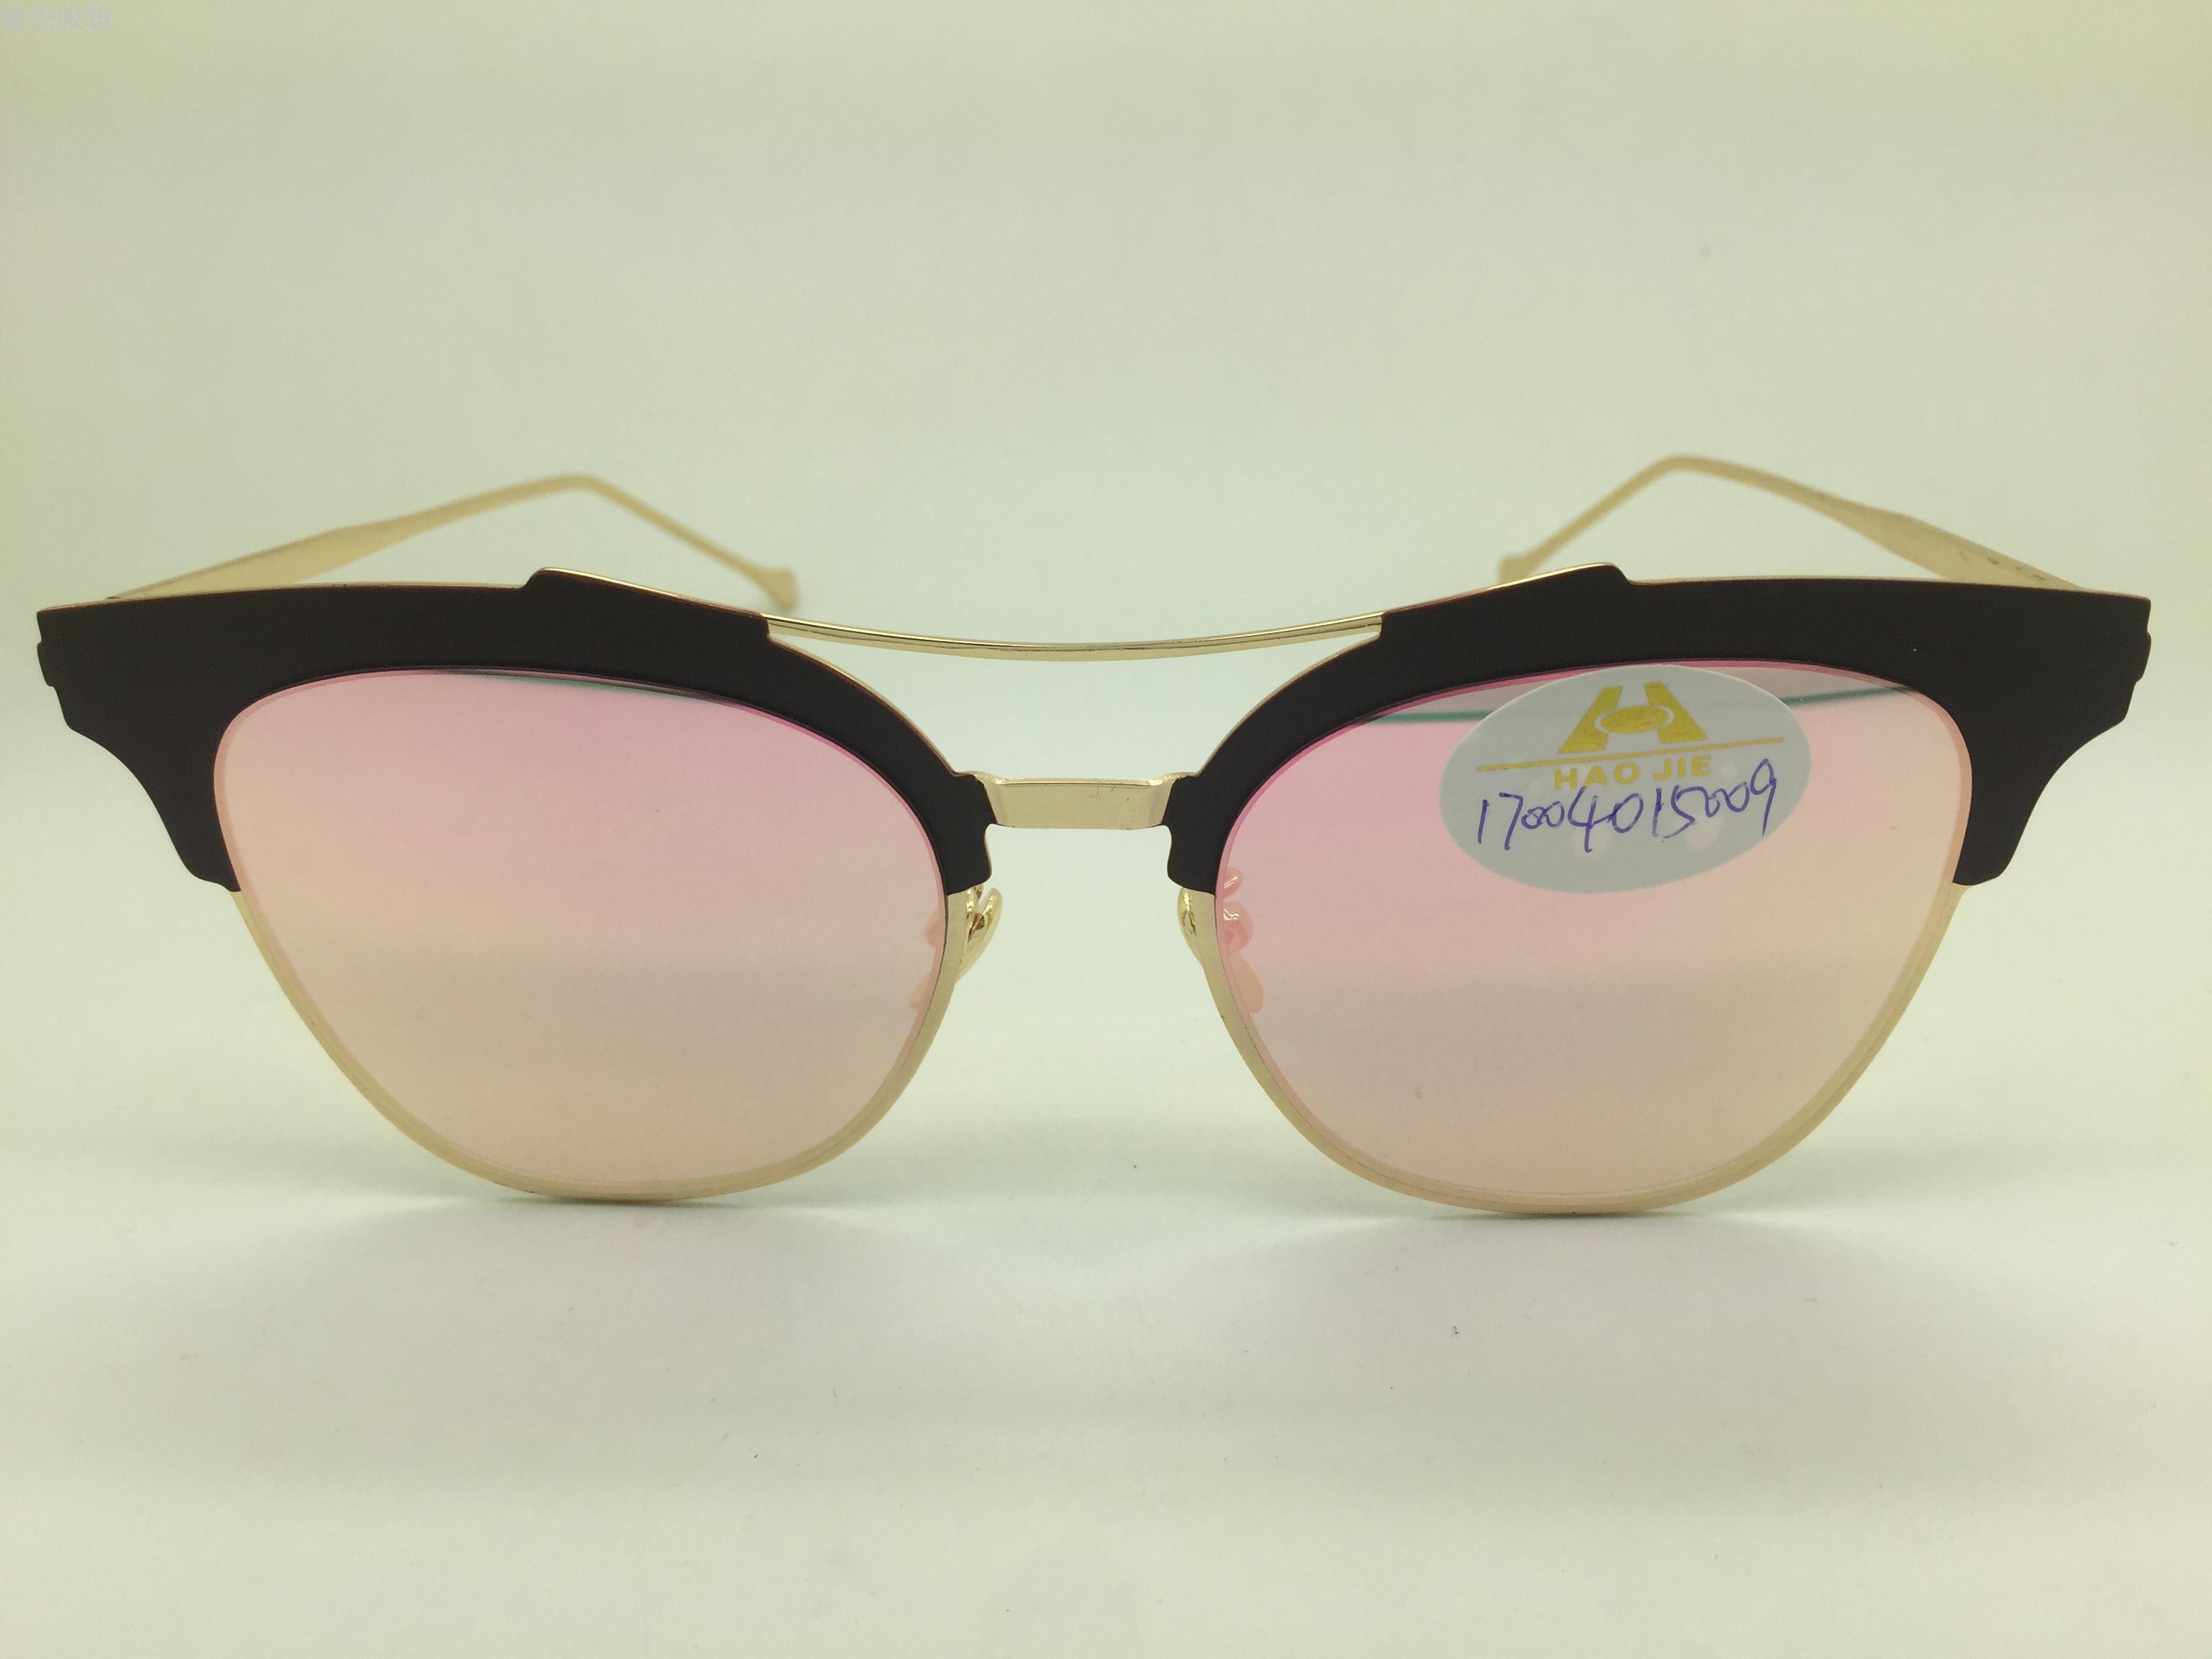 义乌好货 时尚猫眼塑料眉金属框架彩色片太阳镜墨镜